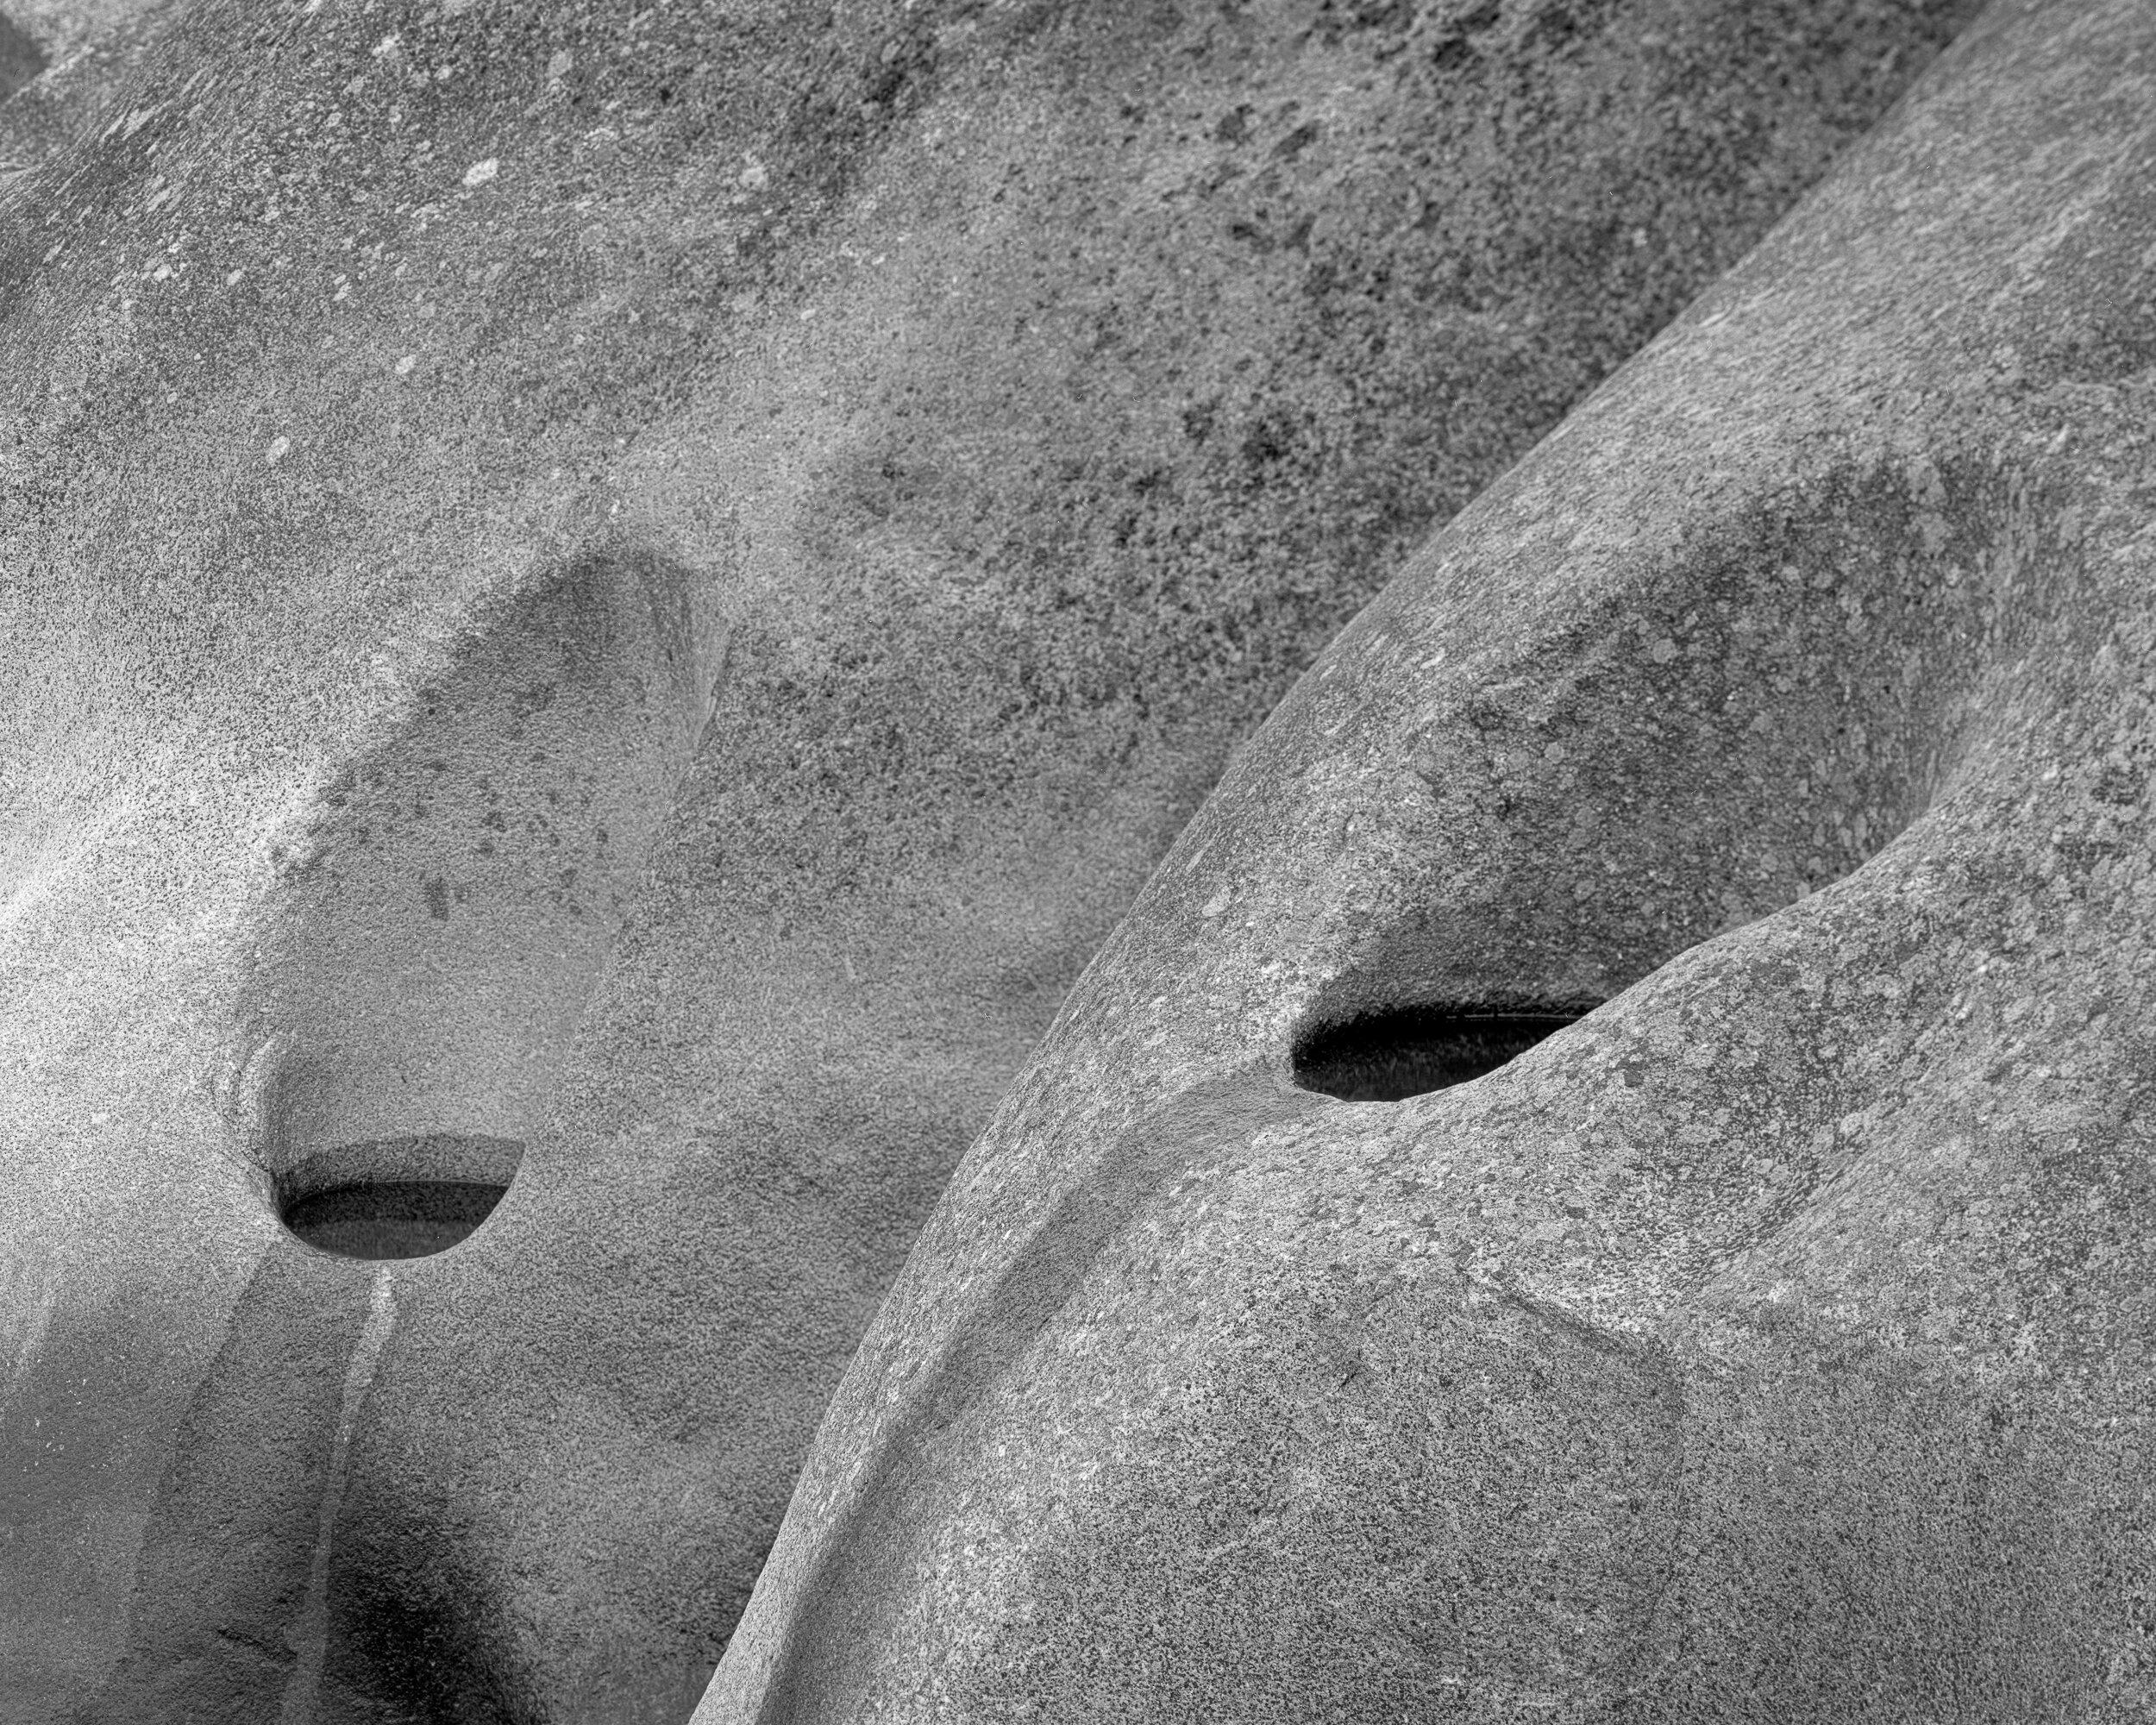 Hvaler Black & White Workshop 2020. ©Bjørn Joachimsen.